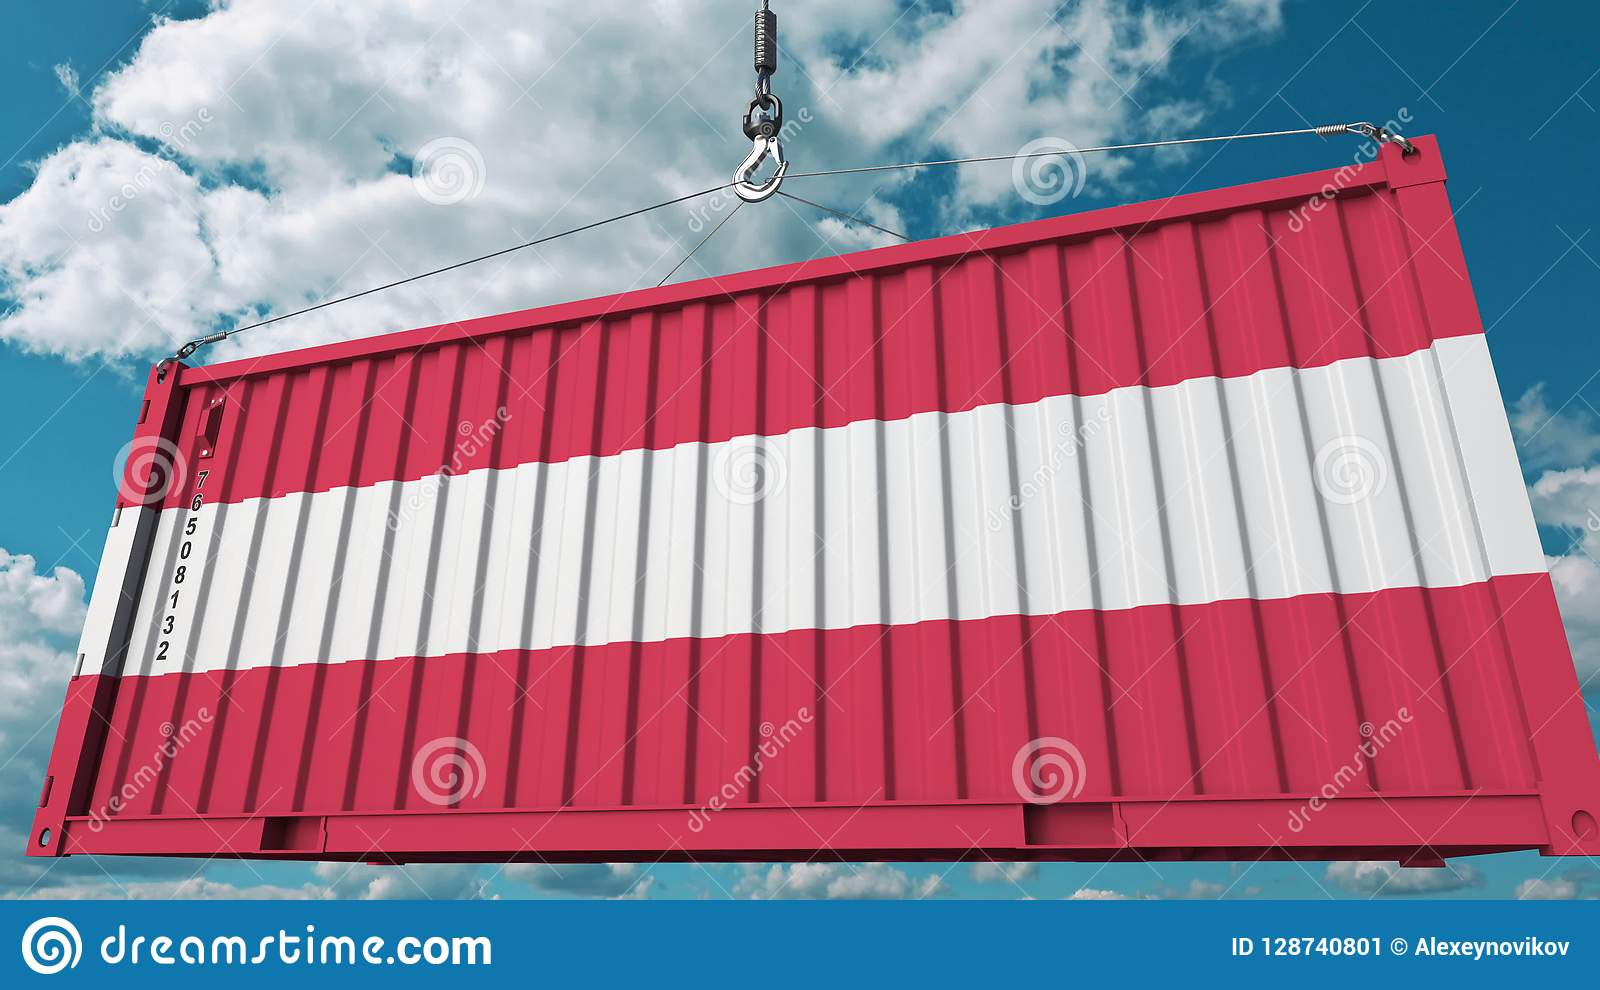 Zbiornik z flaga Austria Austriaka eksport lub import odnosić sie konceptualnego 3D rendering